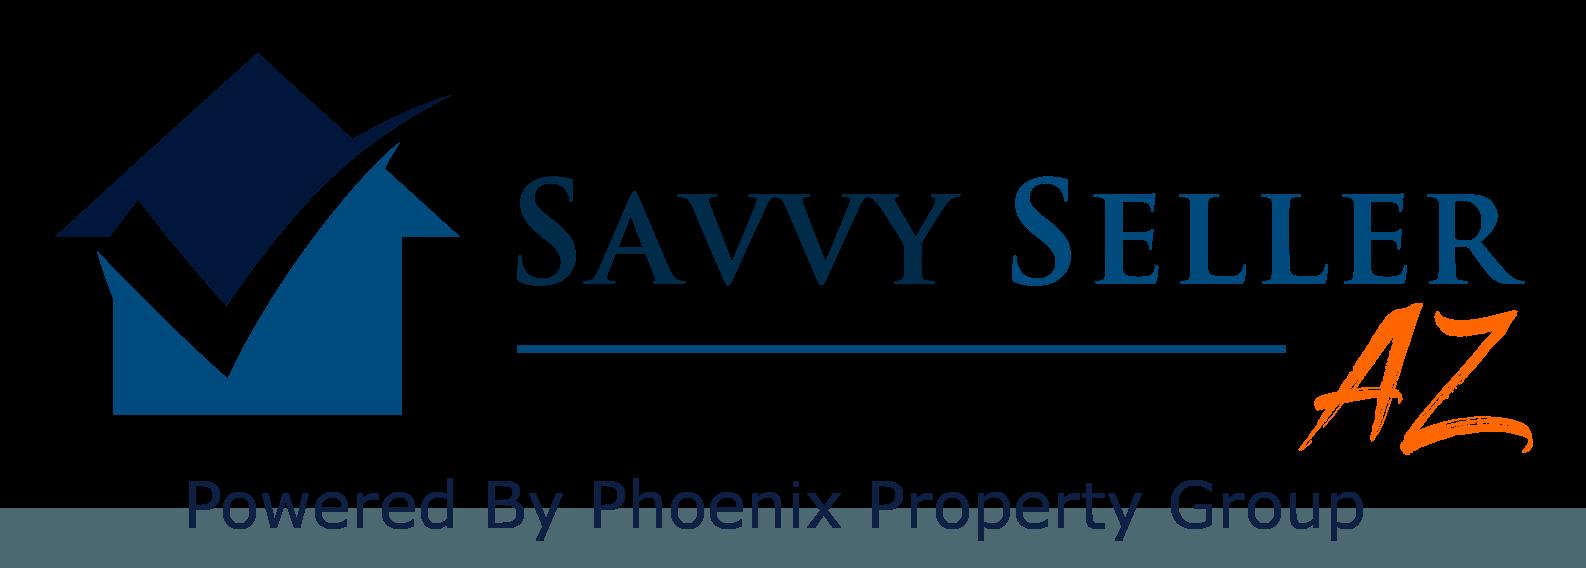 Savvy Seller AZ